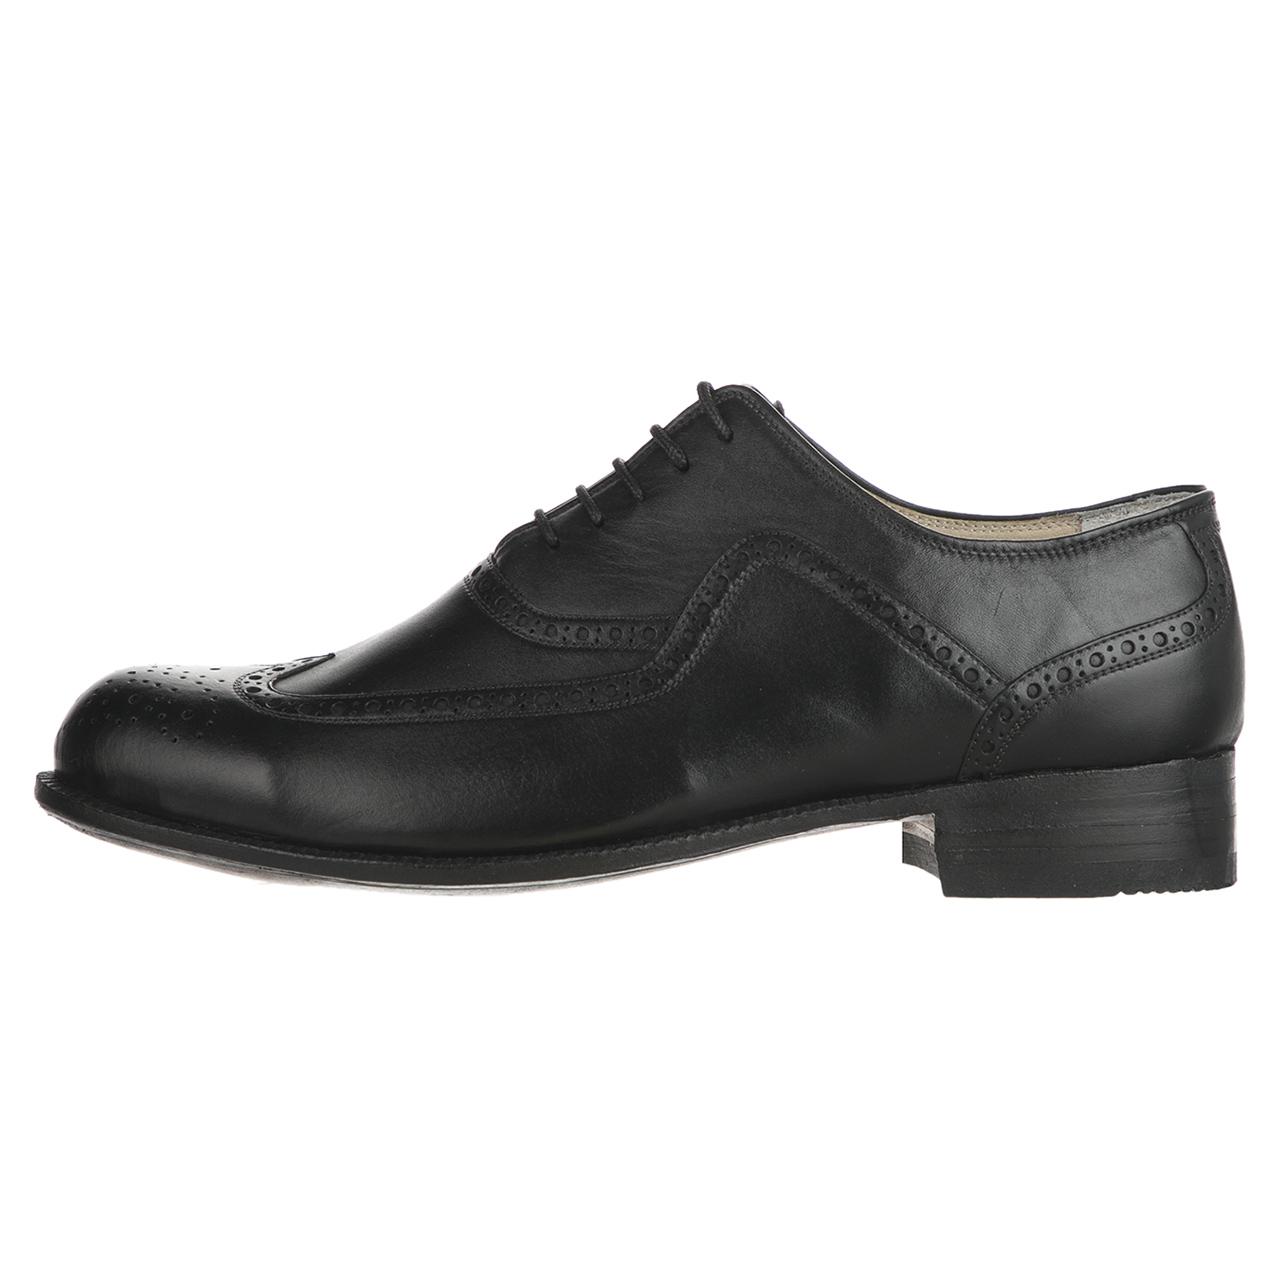 کفش مردانه ایلیار کد 971